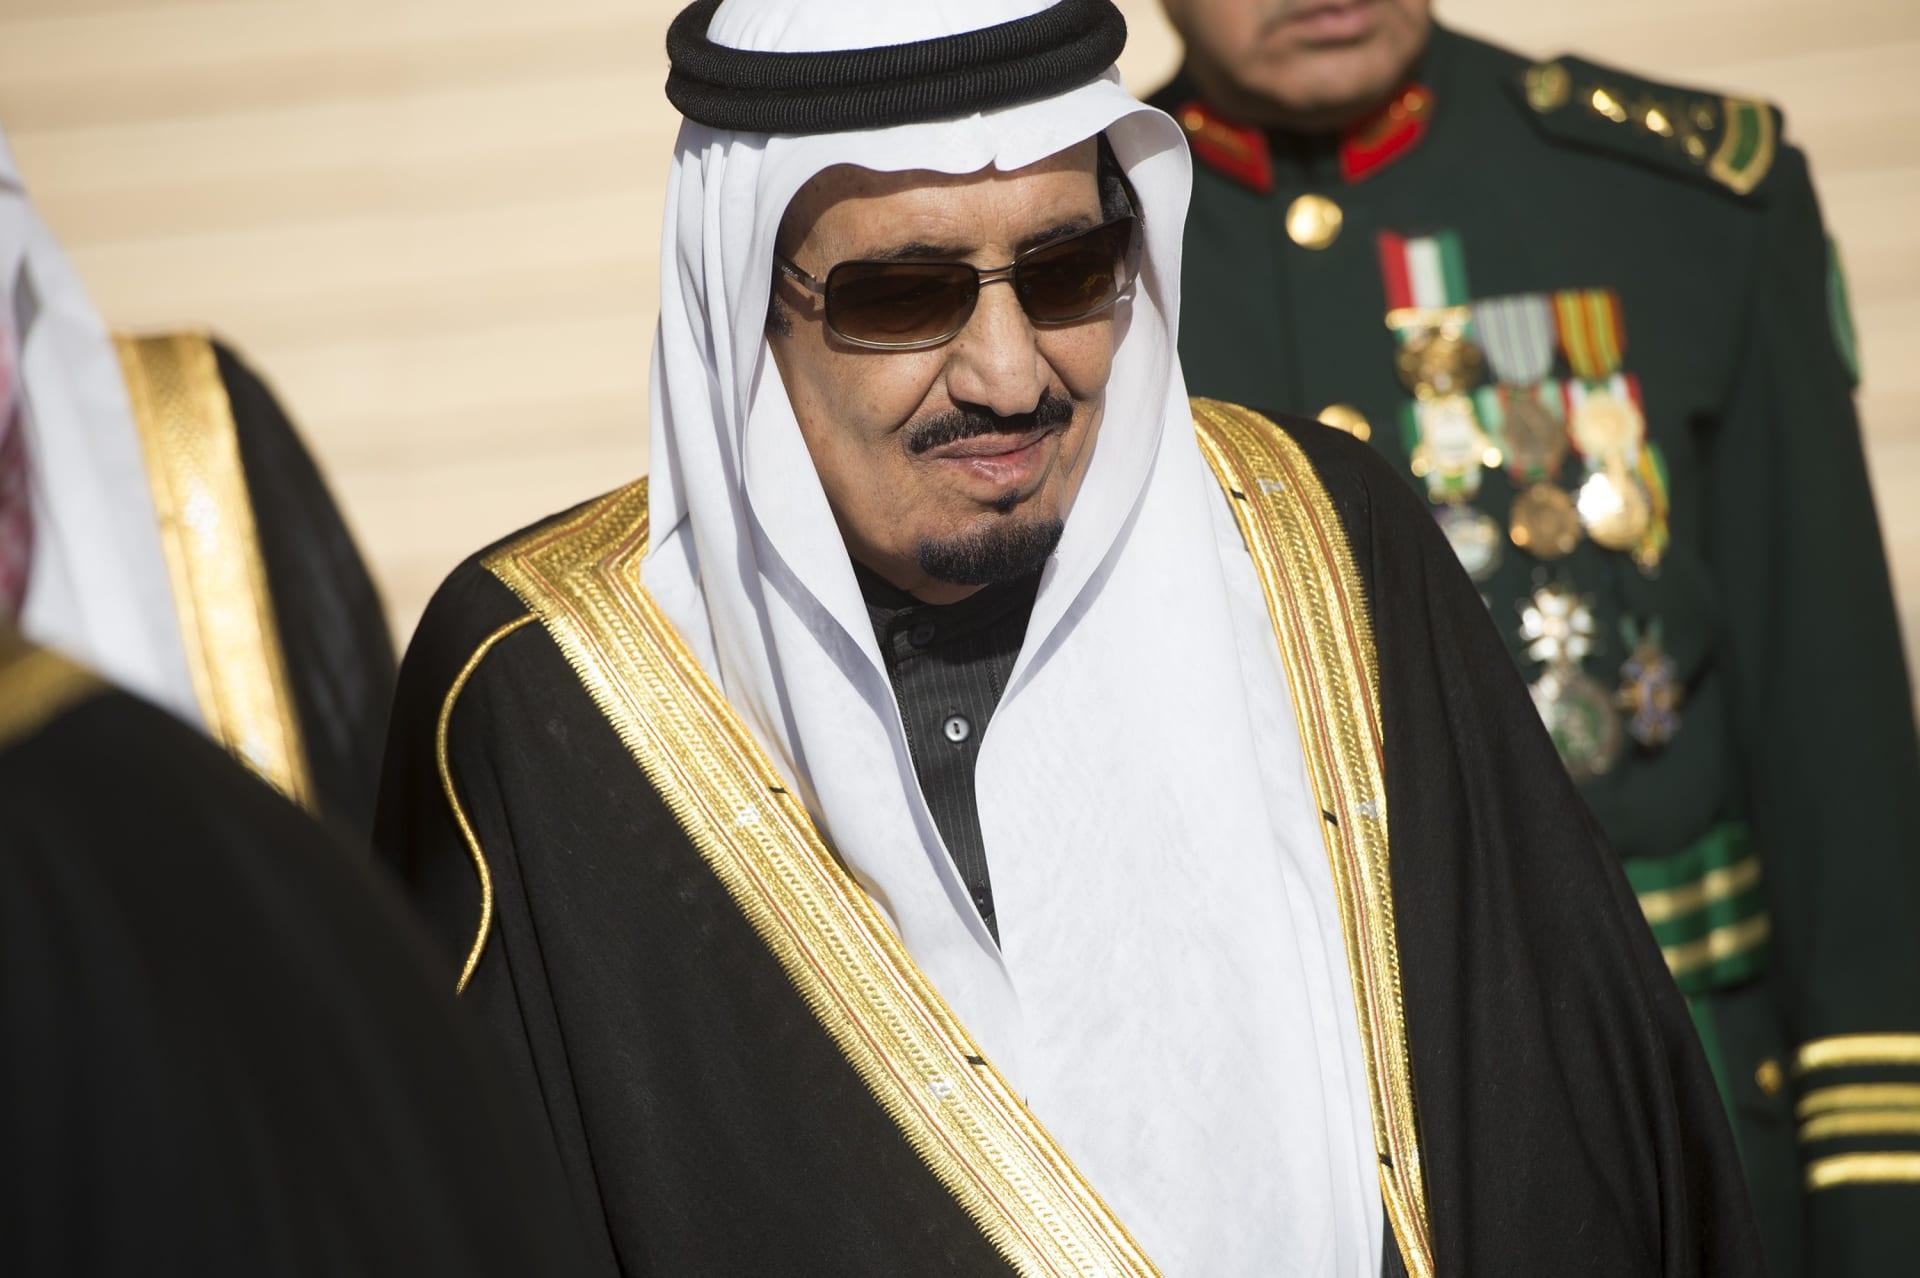 الملك سلمان يزور روسيا أكتوبر المقبل وأمريكا في 2018